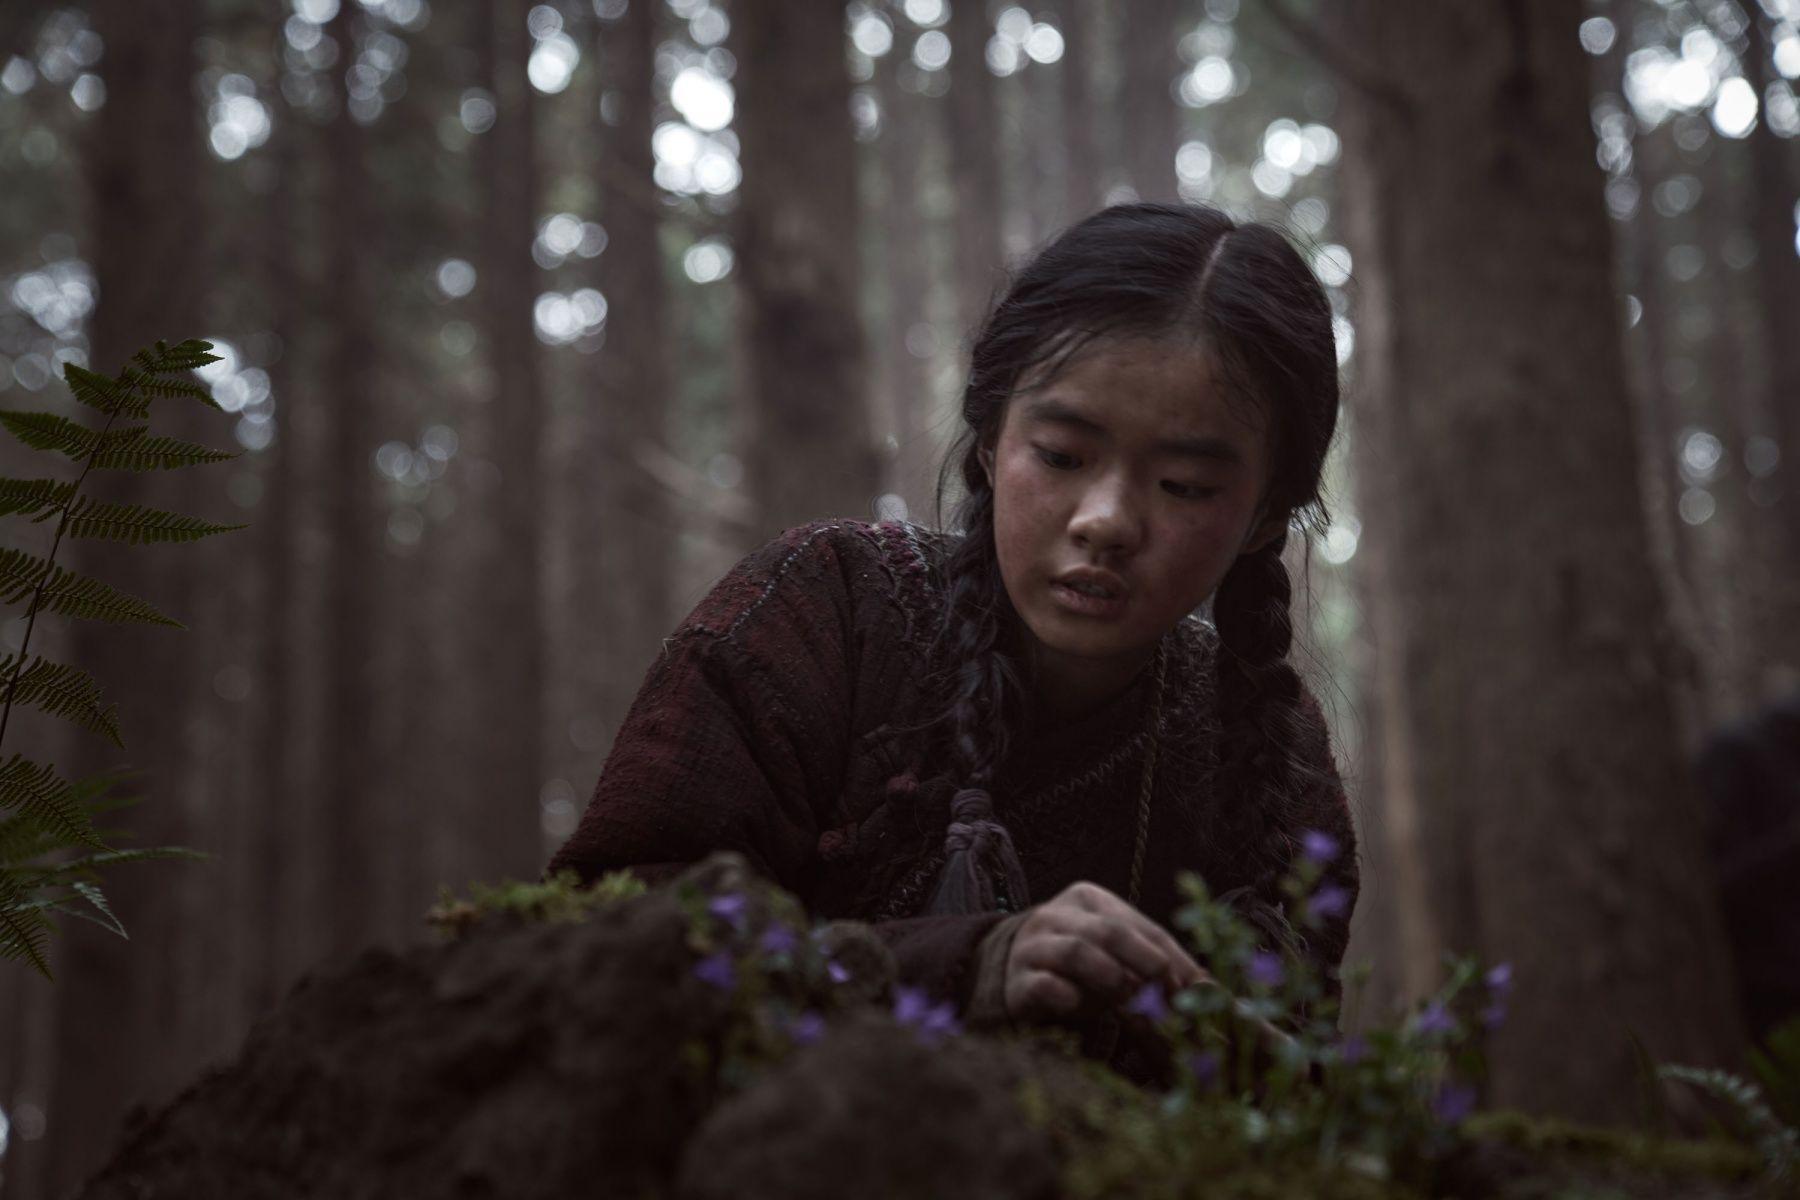 《屍戰朝鮮:雅信傳》。圖片來源/Netflix